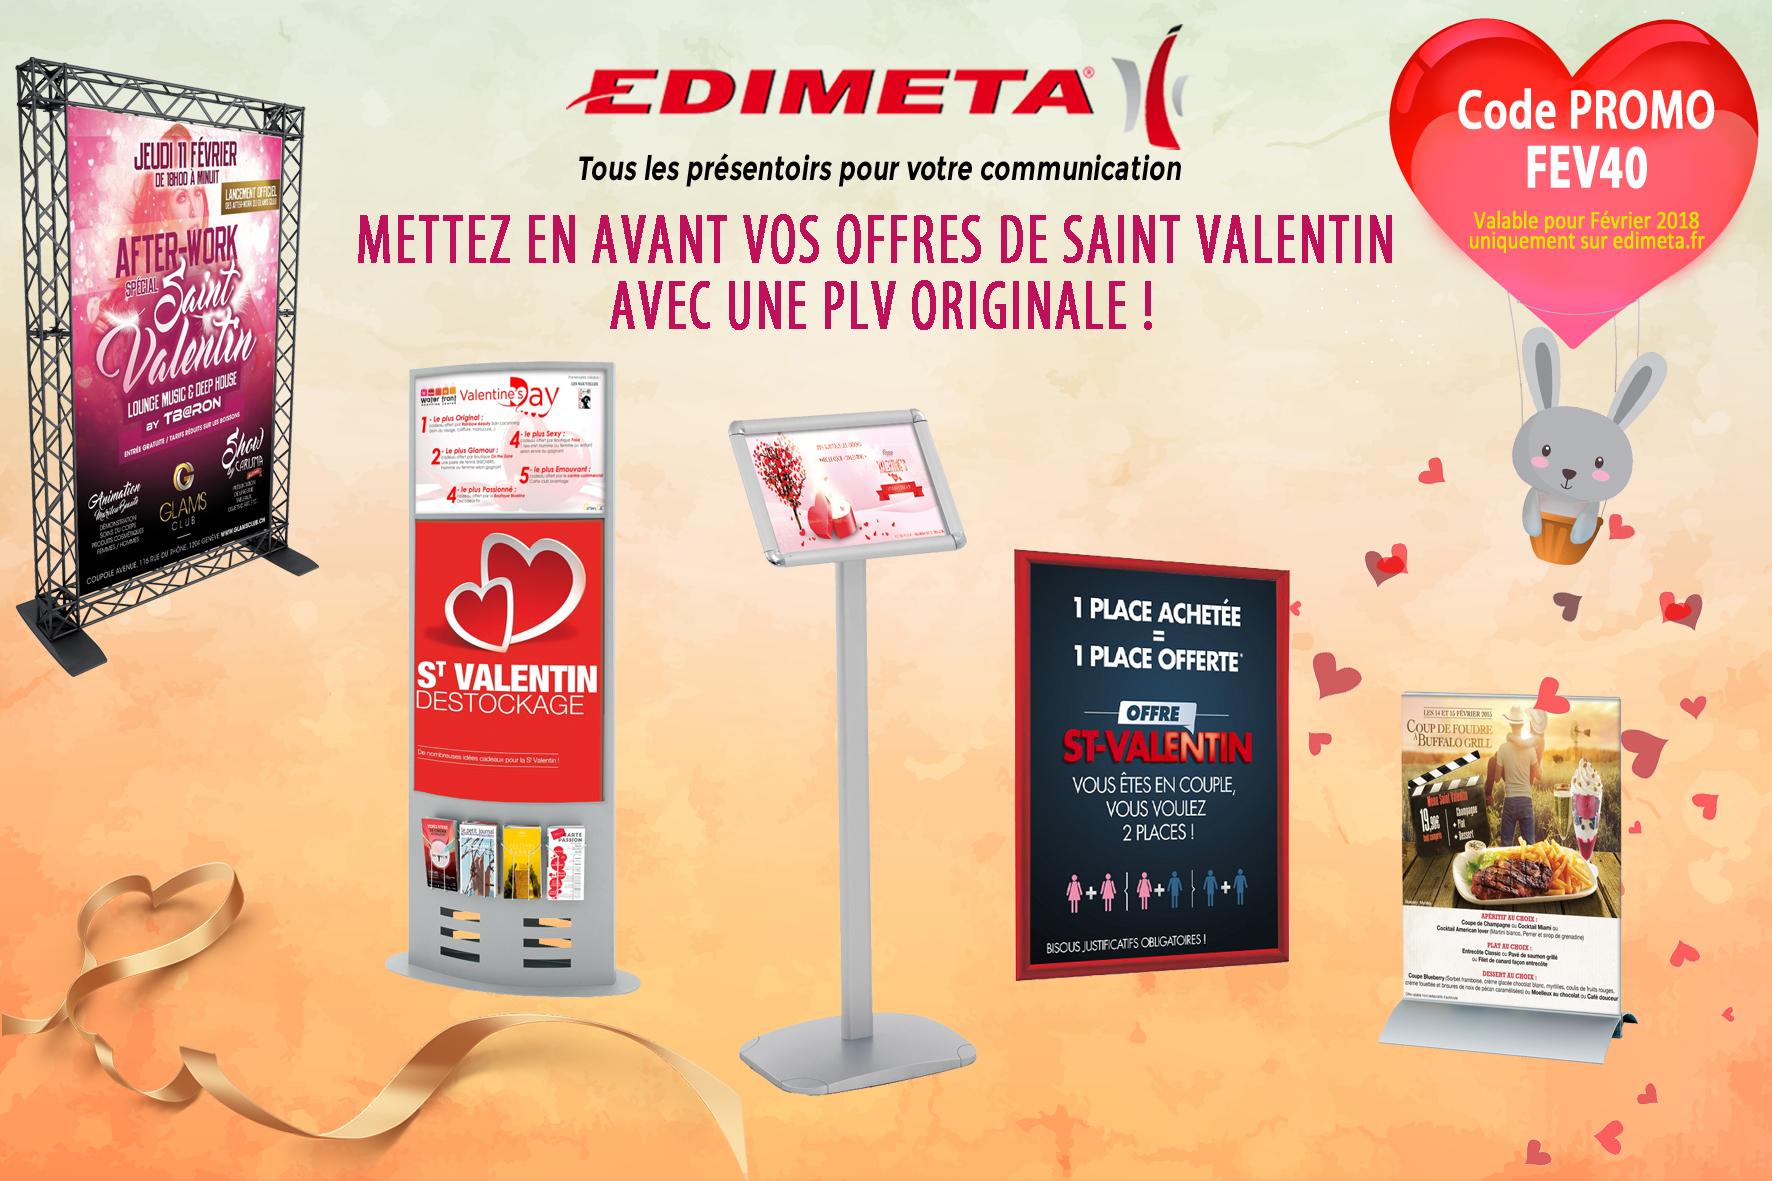 Mettez en avant vos offres de Saint Valentin avec une PLV originale !